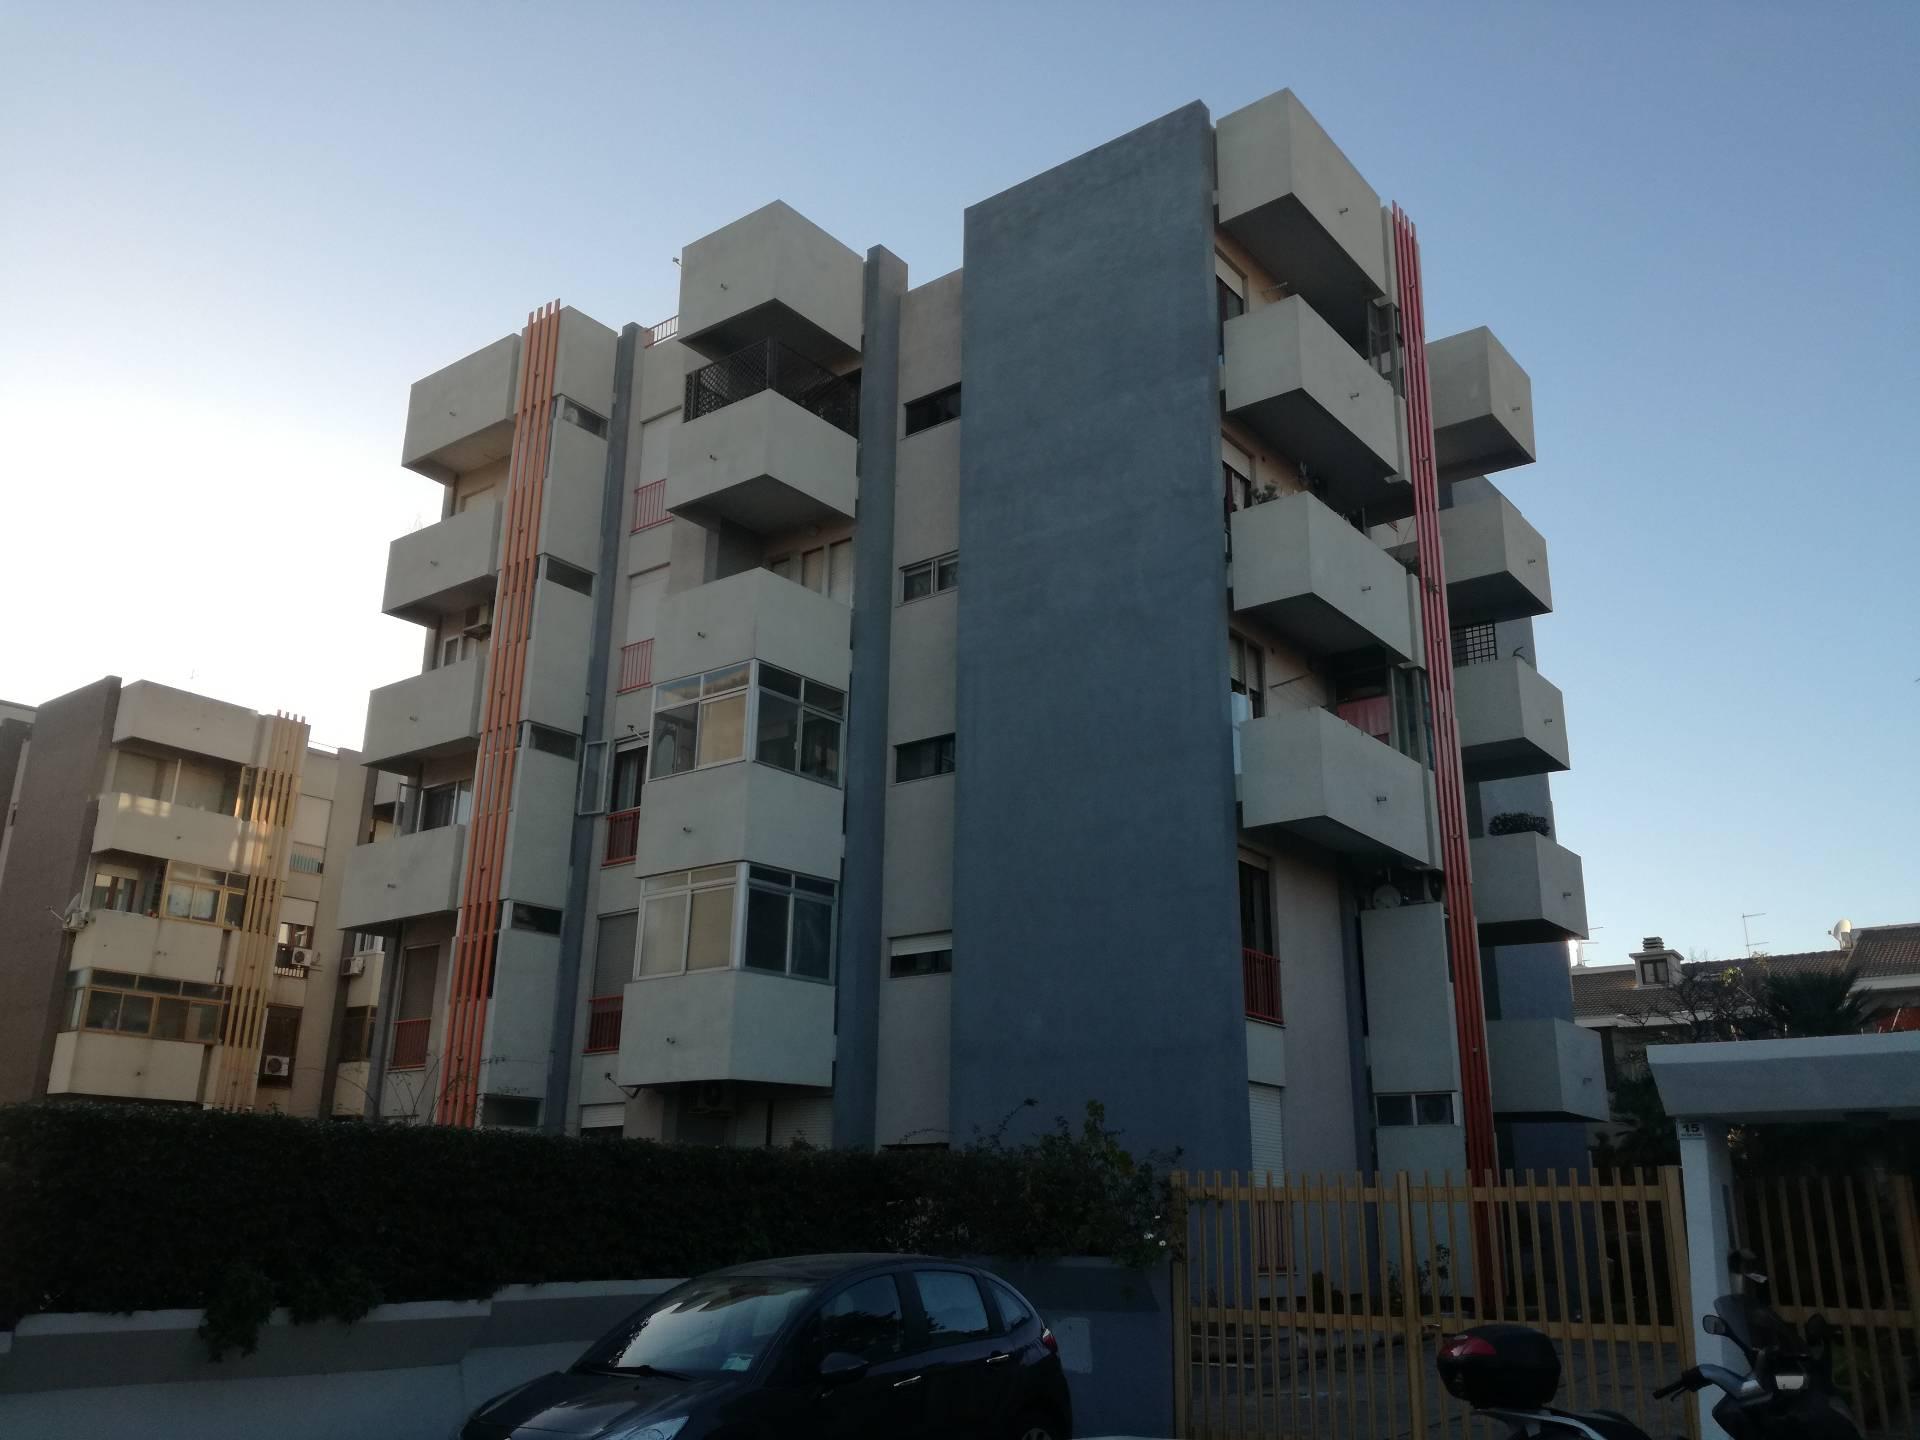 Appartamento in affitto a Cagliari, 3 locali, zona Zona: Pirri, prezzo € 600 | Cambio Casa.it